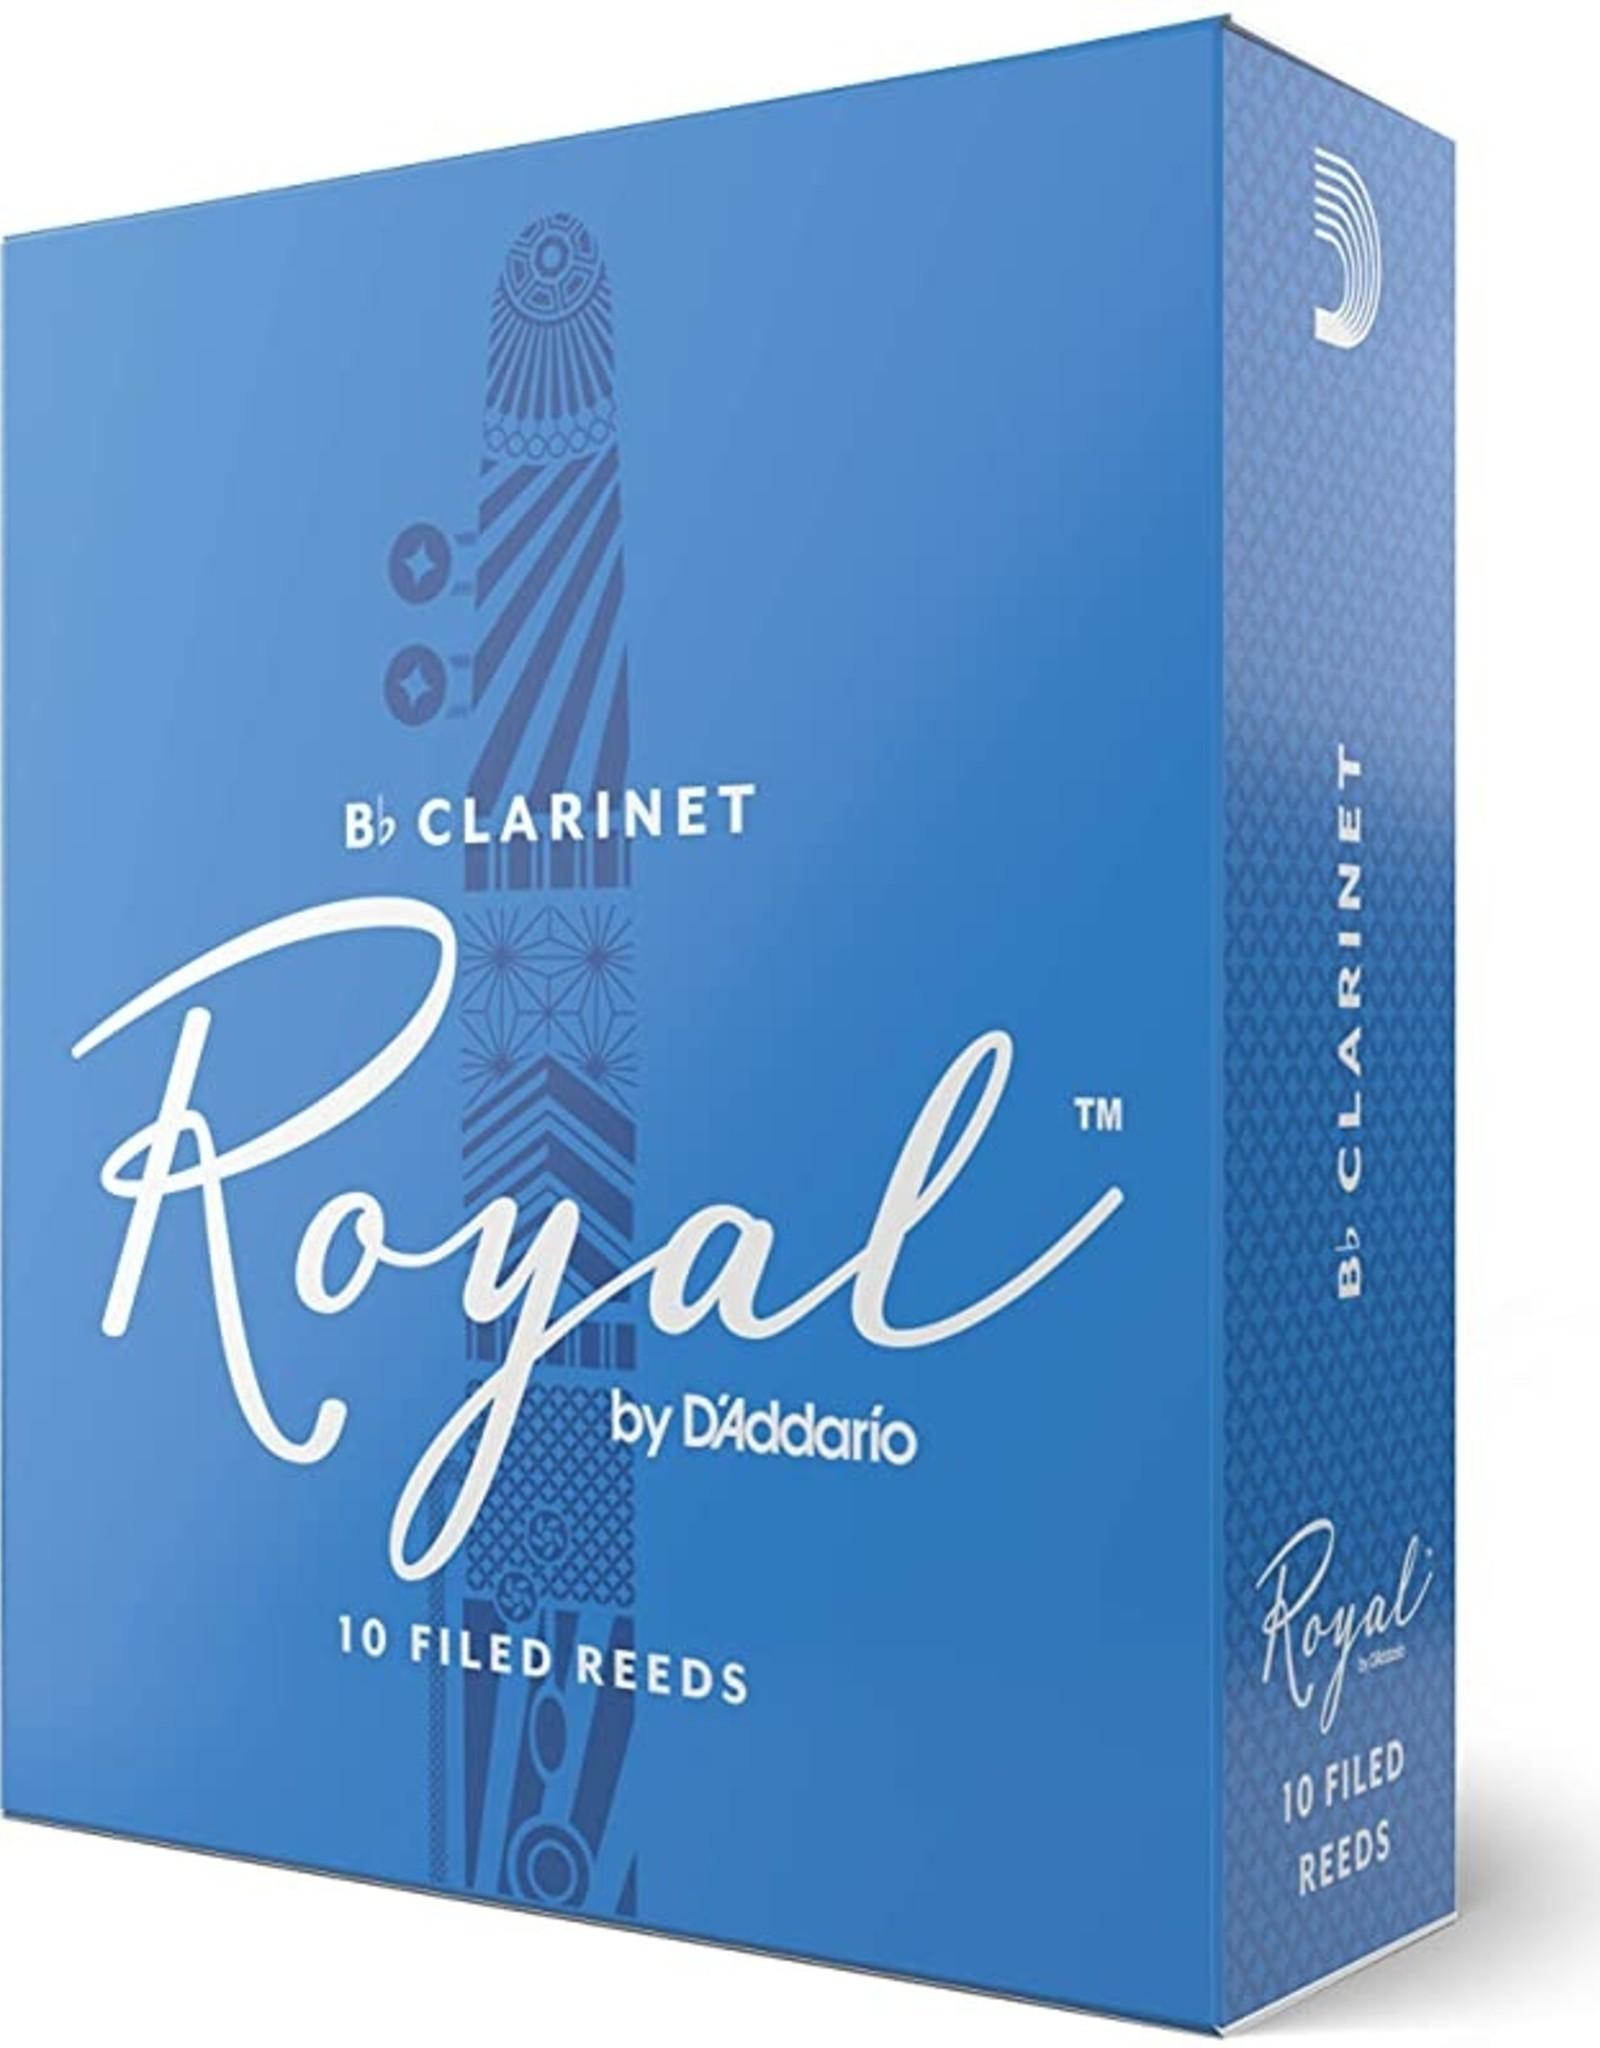 D'Addario Royal Bb Clarinet 2.0 Reeds, 10 Box